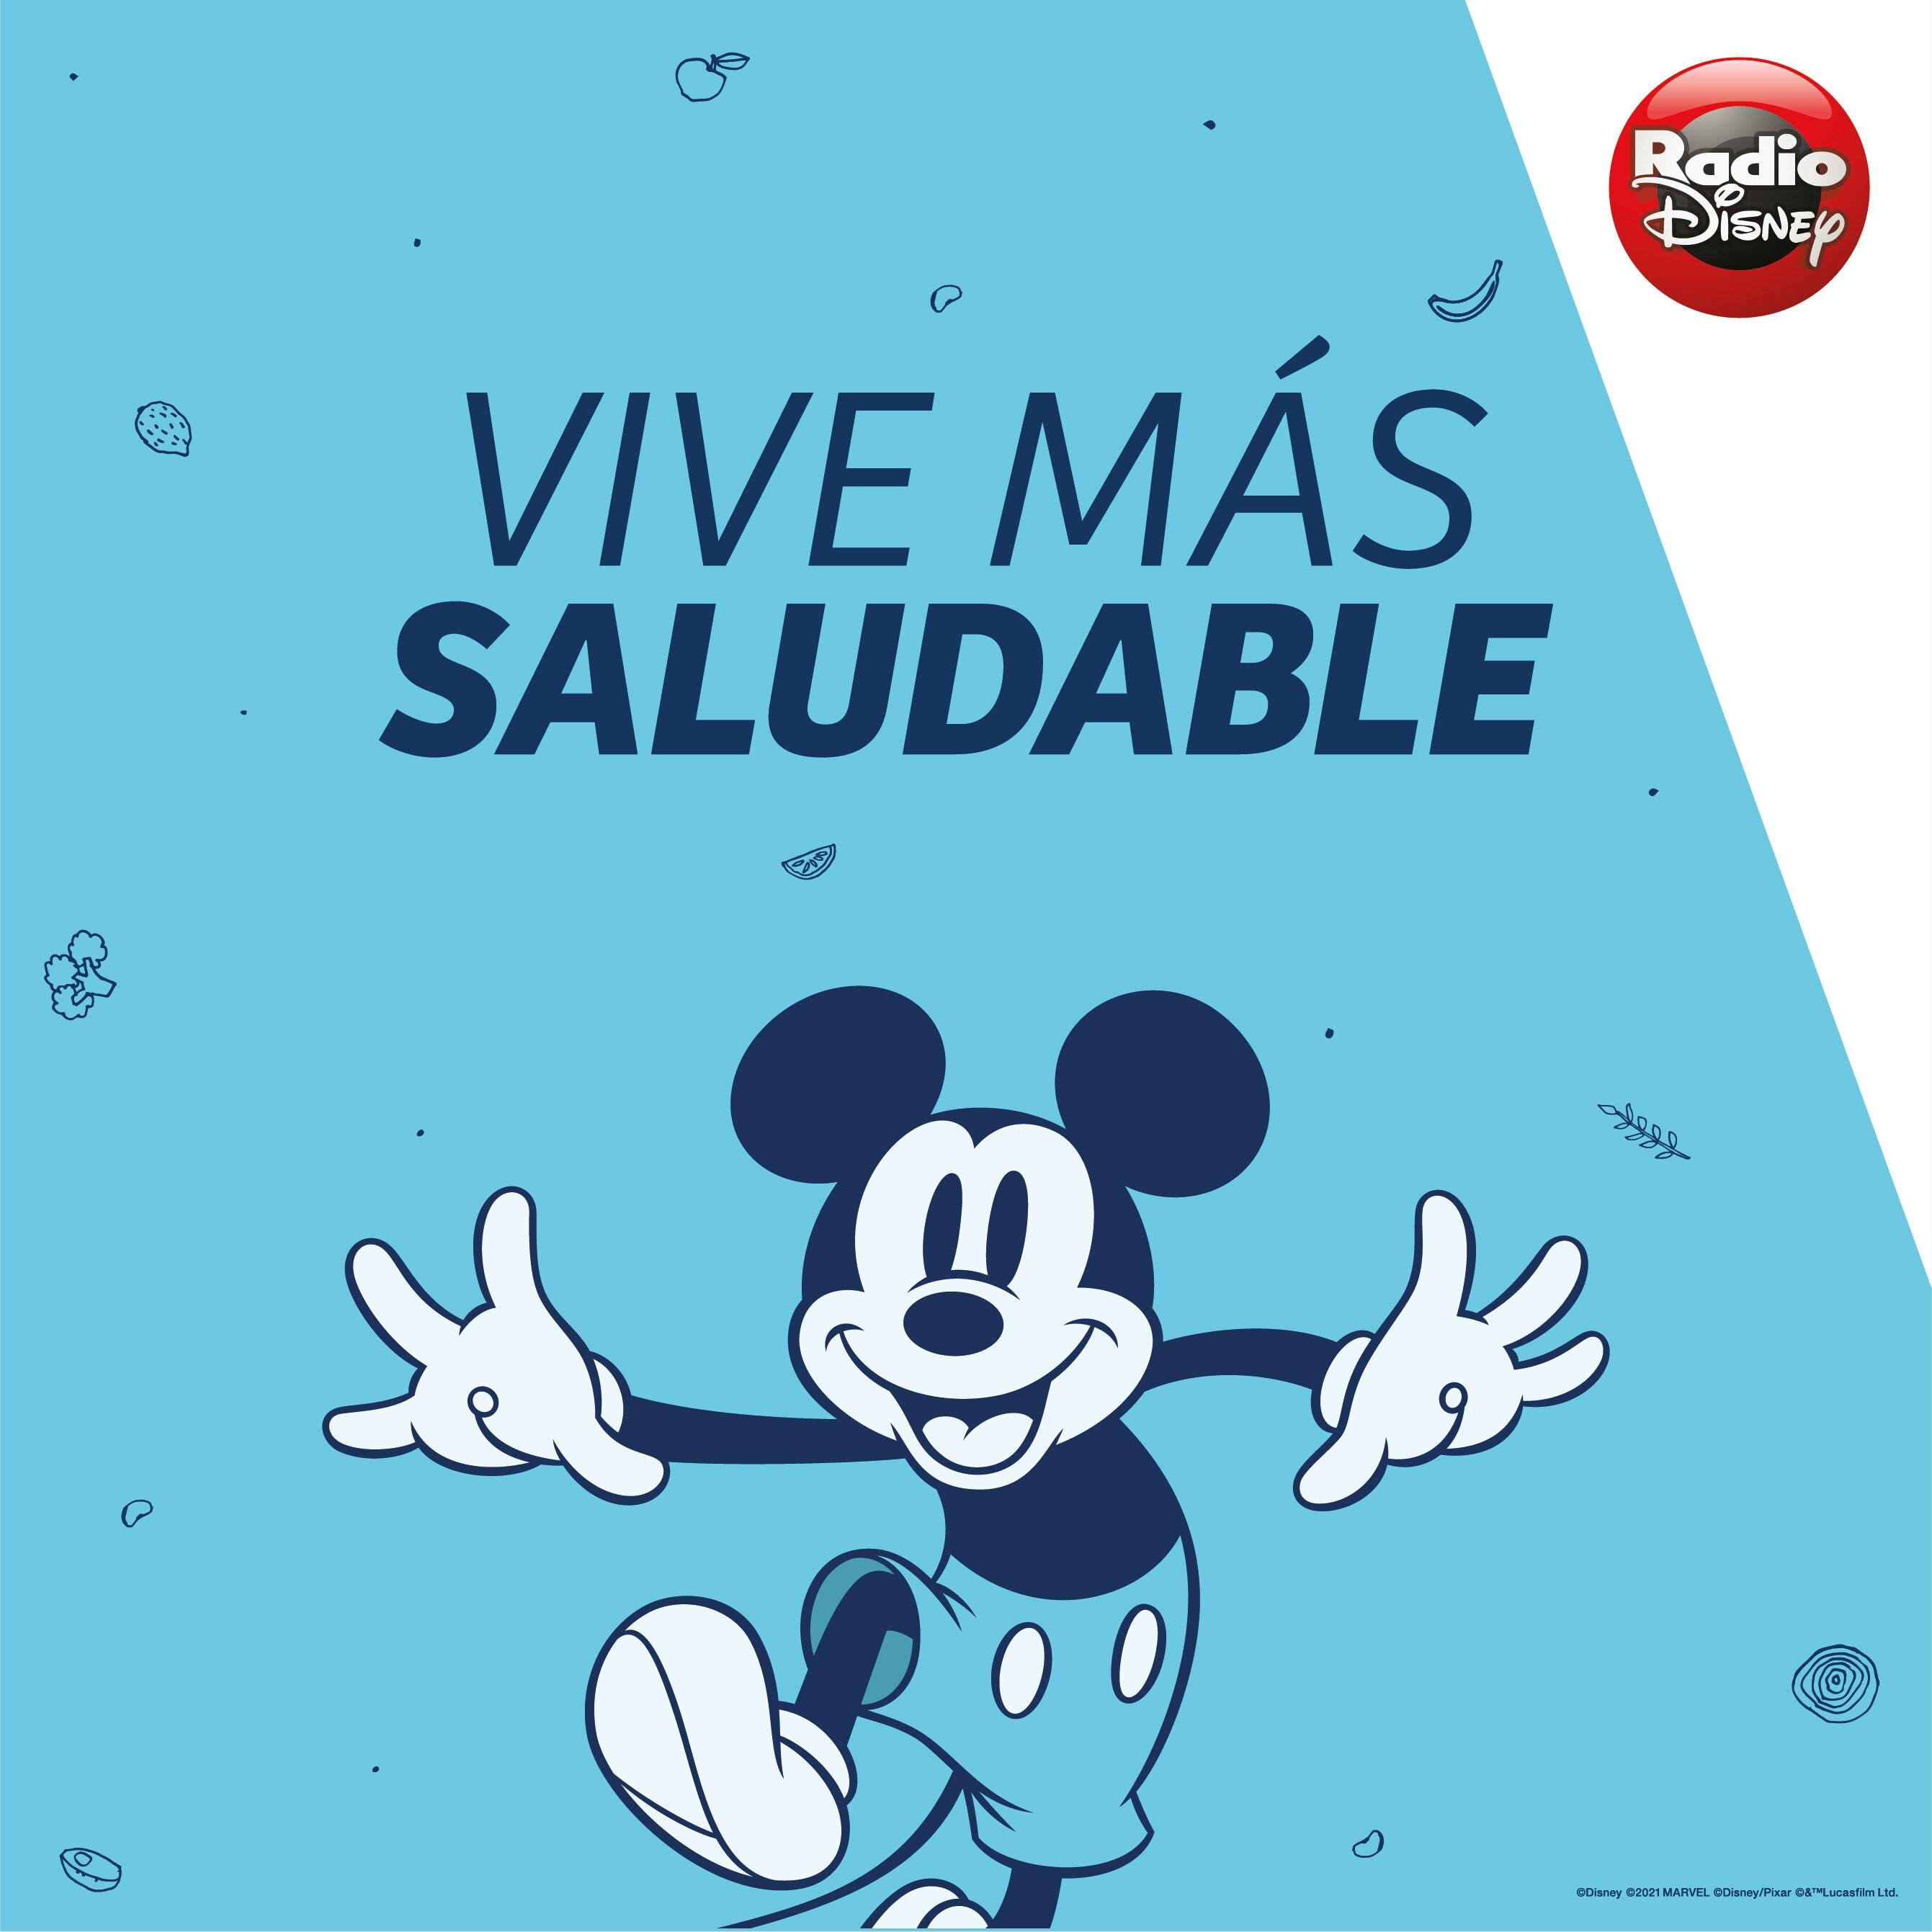 ¡Vive más saludable con Disney!